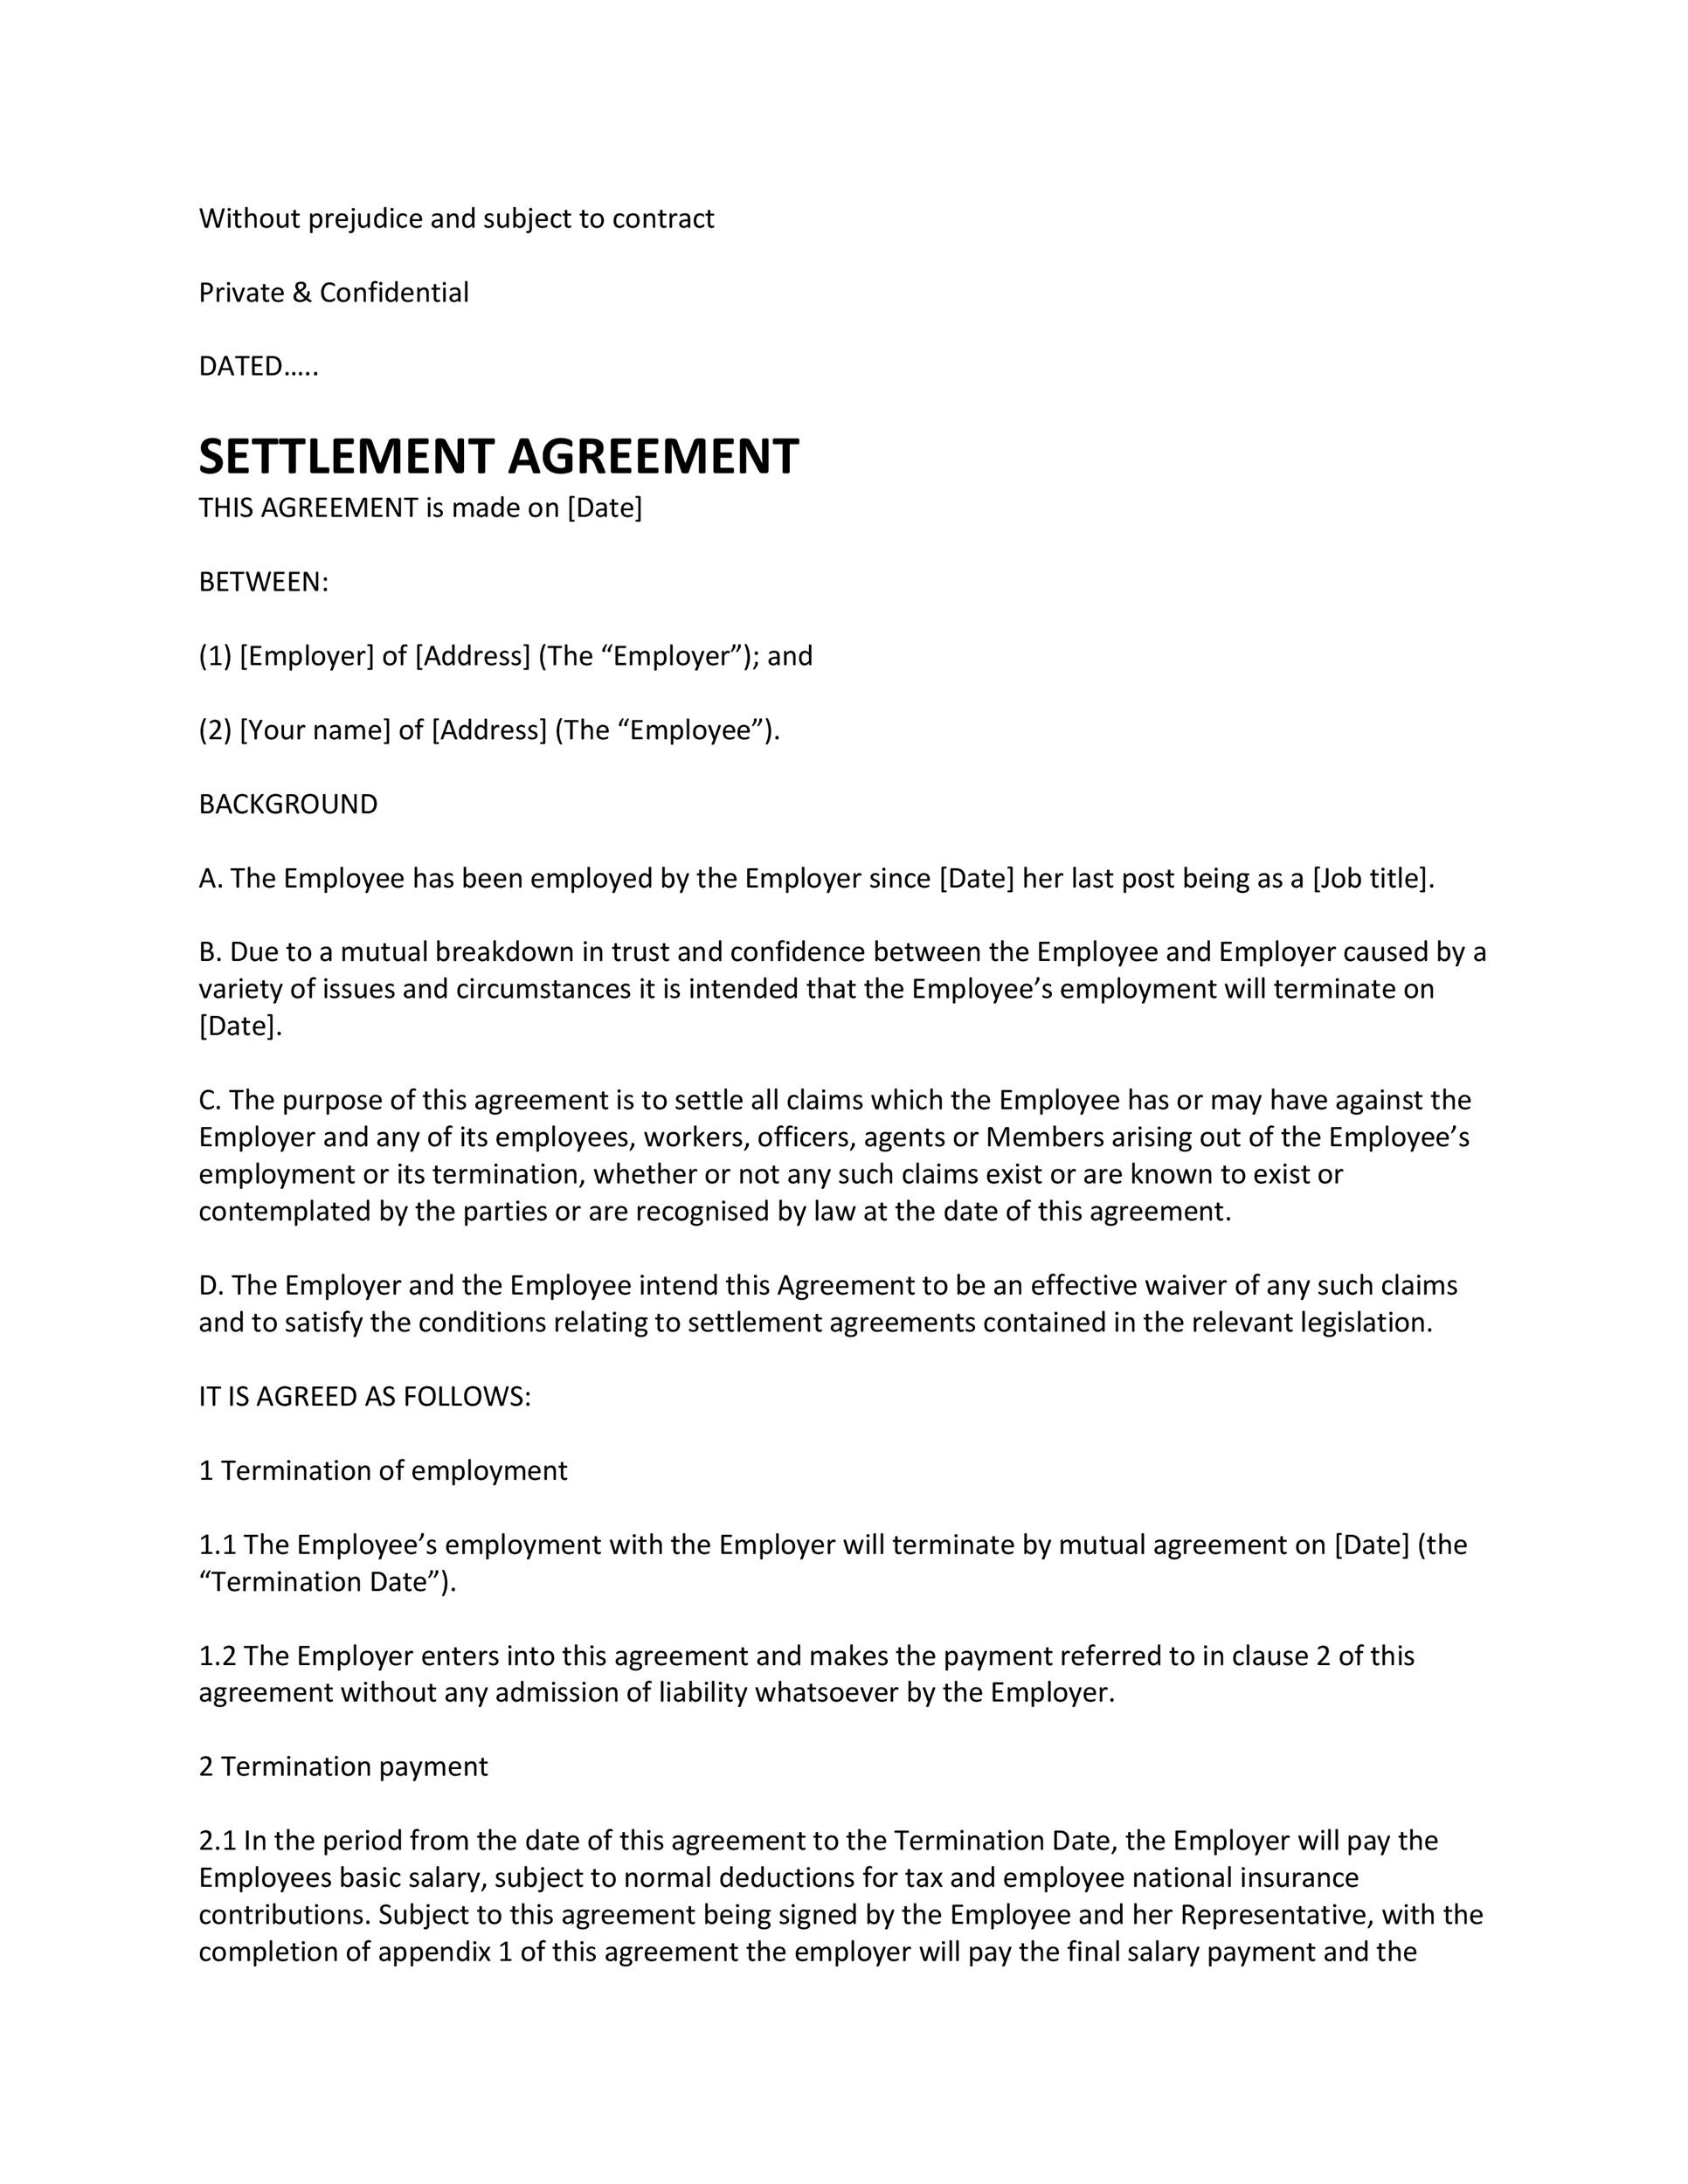 Sample Settlement Agreement Letter from templatelab.com